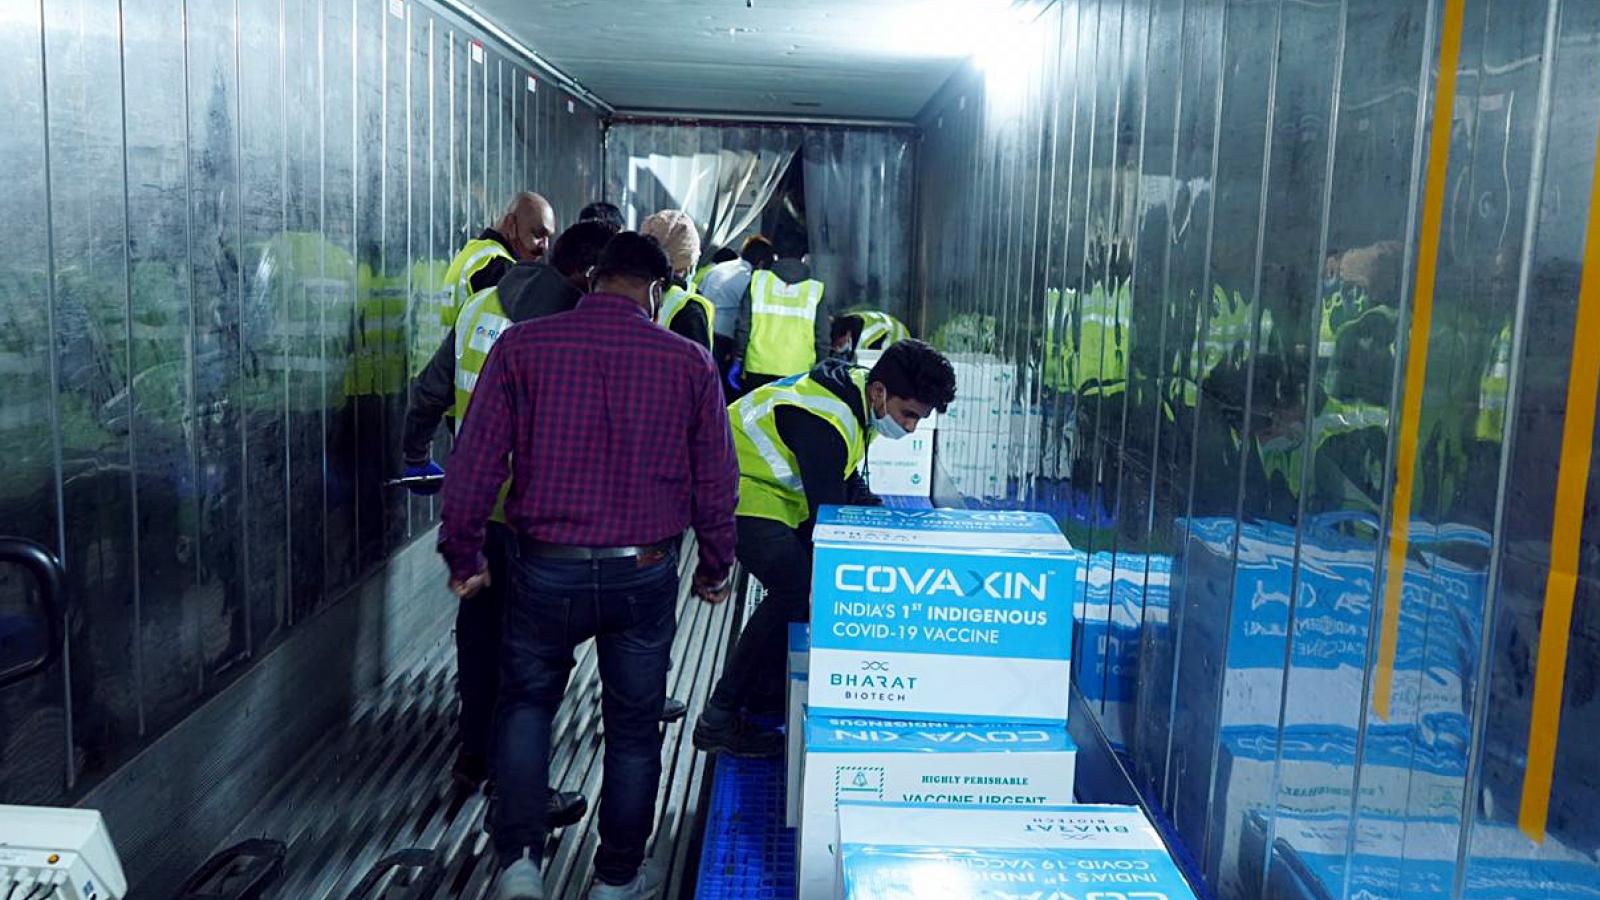 Nhà sản xuất ở Ấn Độ cam kết bồi thường nếu vaccine Covid-19 có tác dụng phụ